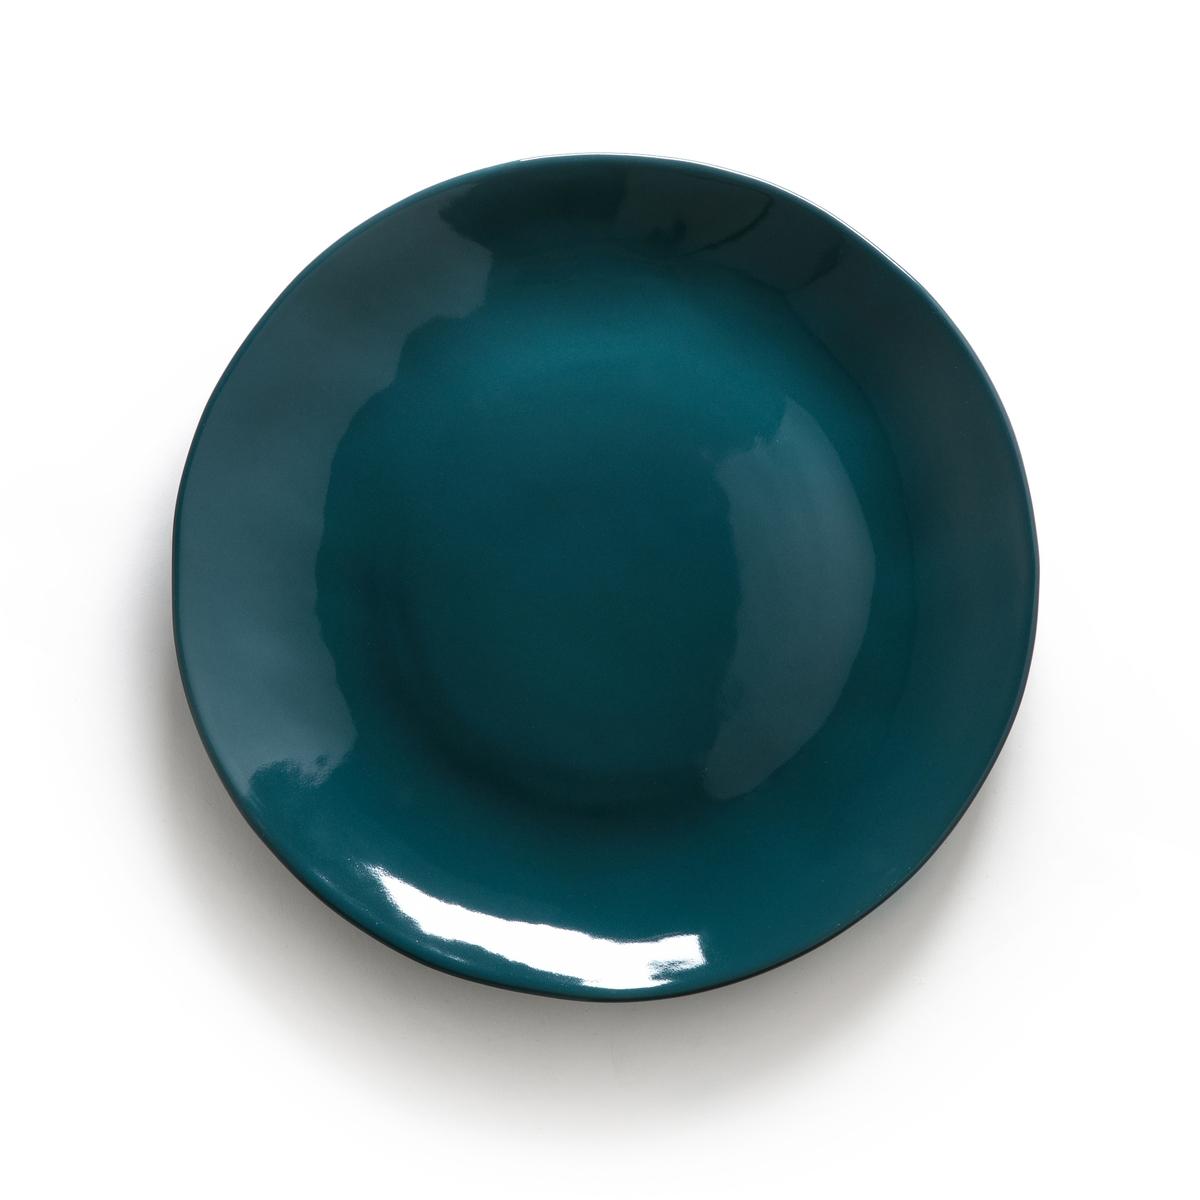 Комплект из 4 плоских тарелок из керамики, KILMIAОписание:Комплект из 4 плоских тарелок La Redoute Interieurs добавит живости и блеска благодаря своей эмалированной отделке.Характеристики 4 плоских тарелок  : •  Эмалированная керамика •  Подходит для мытья в посудомоечной машине и использования в микроволновой печи Размеры 4 плоских тарелок : •  Диаметр : 28 смВсю коллекцию столового декора вы найдете на сайте laredoute.ru<br><br>Цвет: горчичный,сине-зеленый